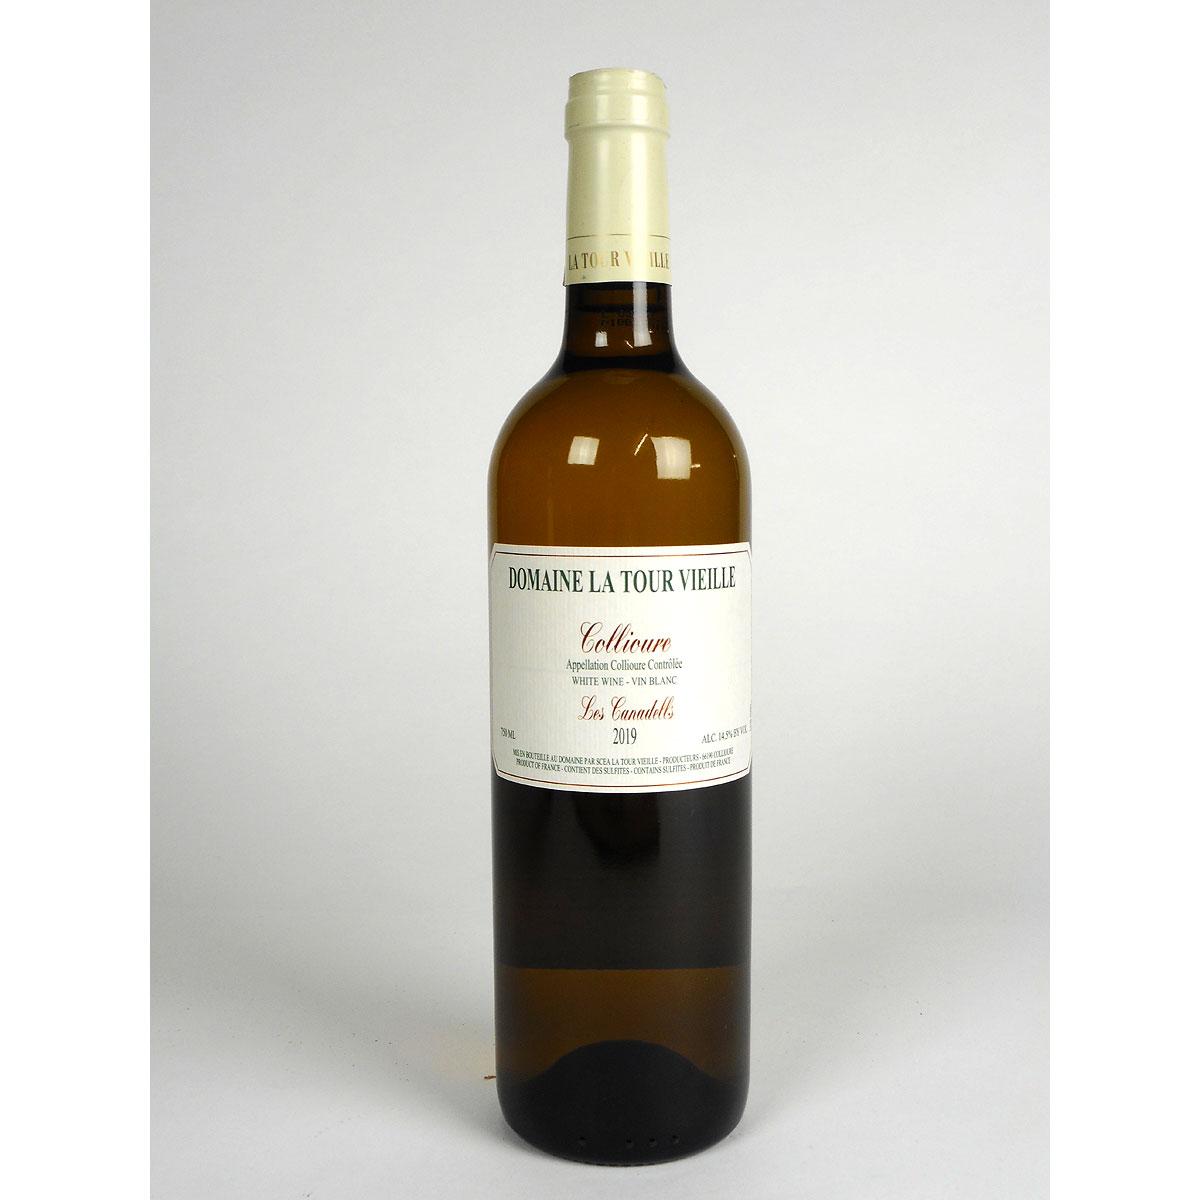 Collioure: Domaine La Tour Vieille 'Les Canadells' 2019 - Bottle